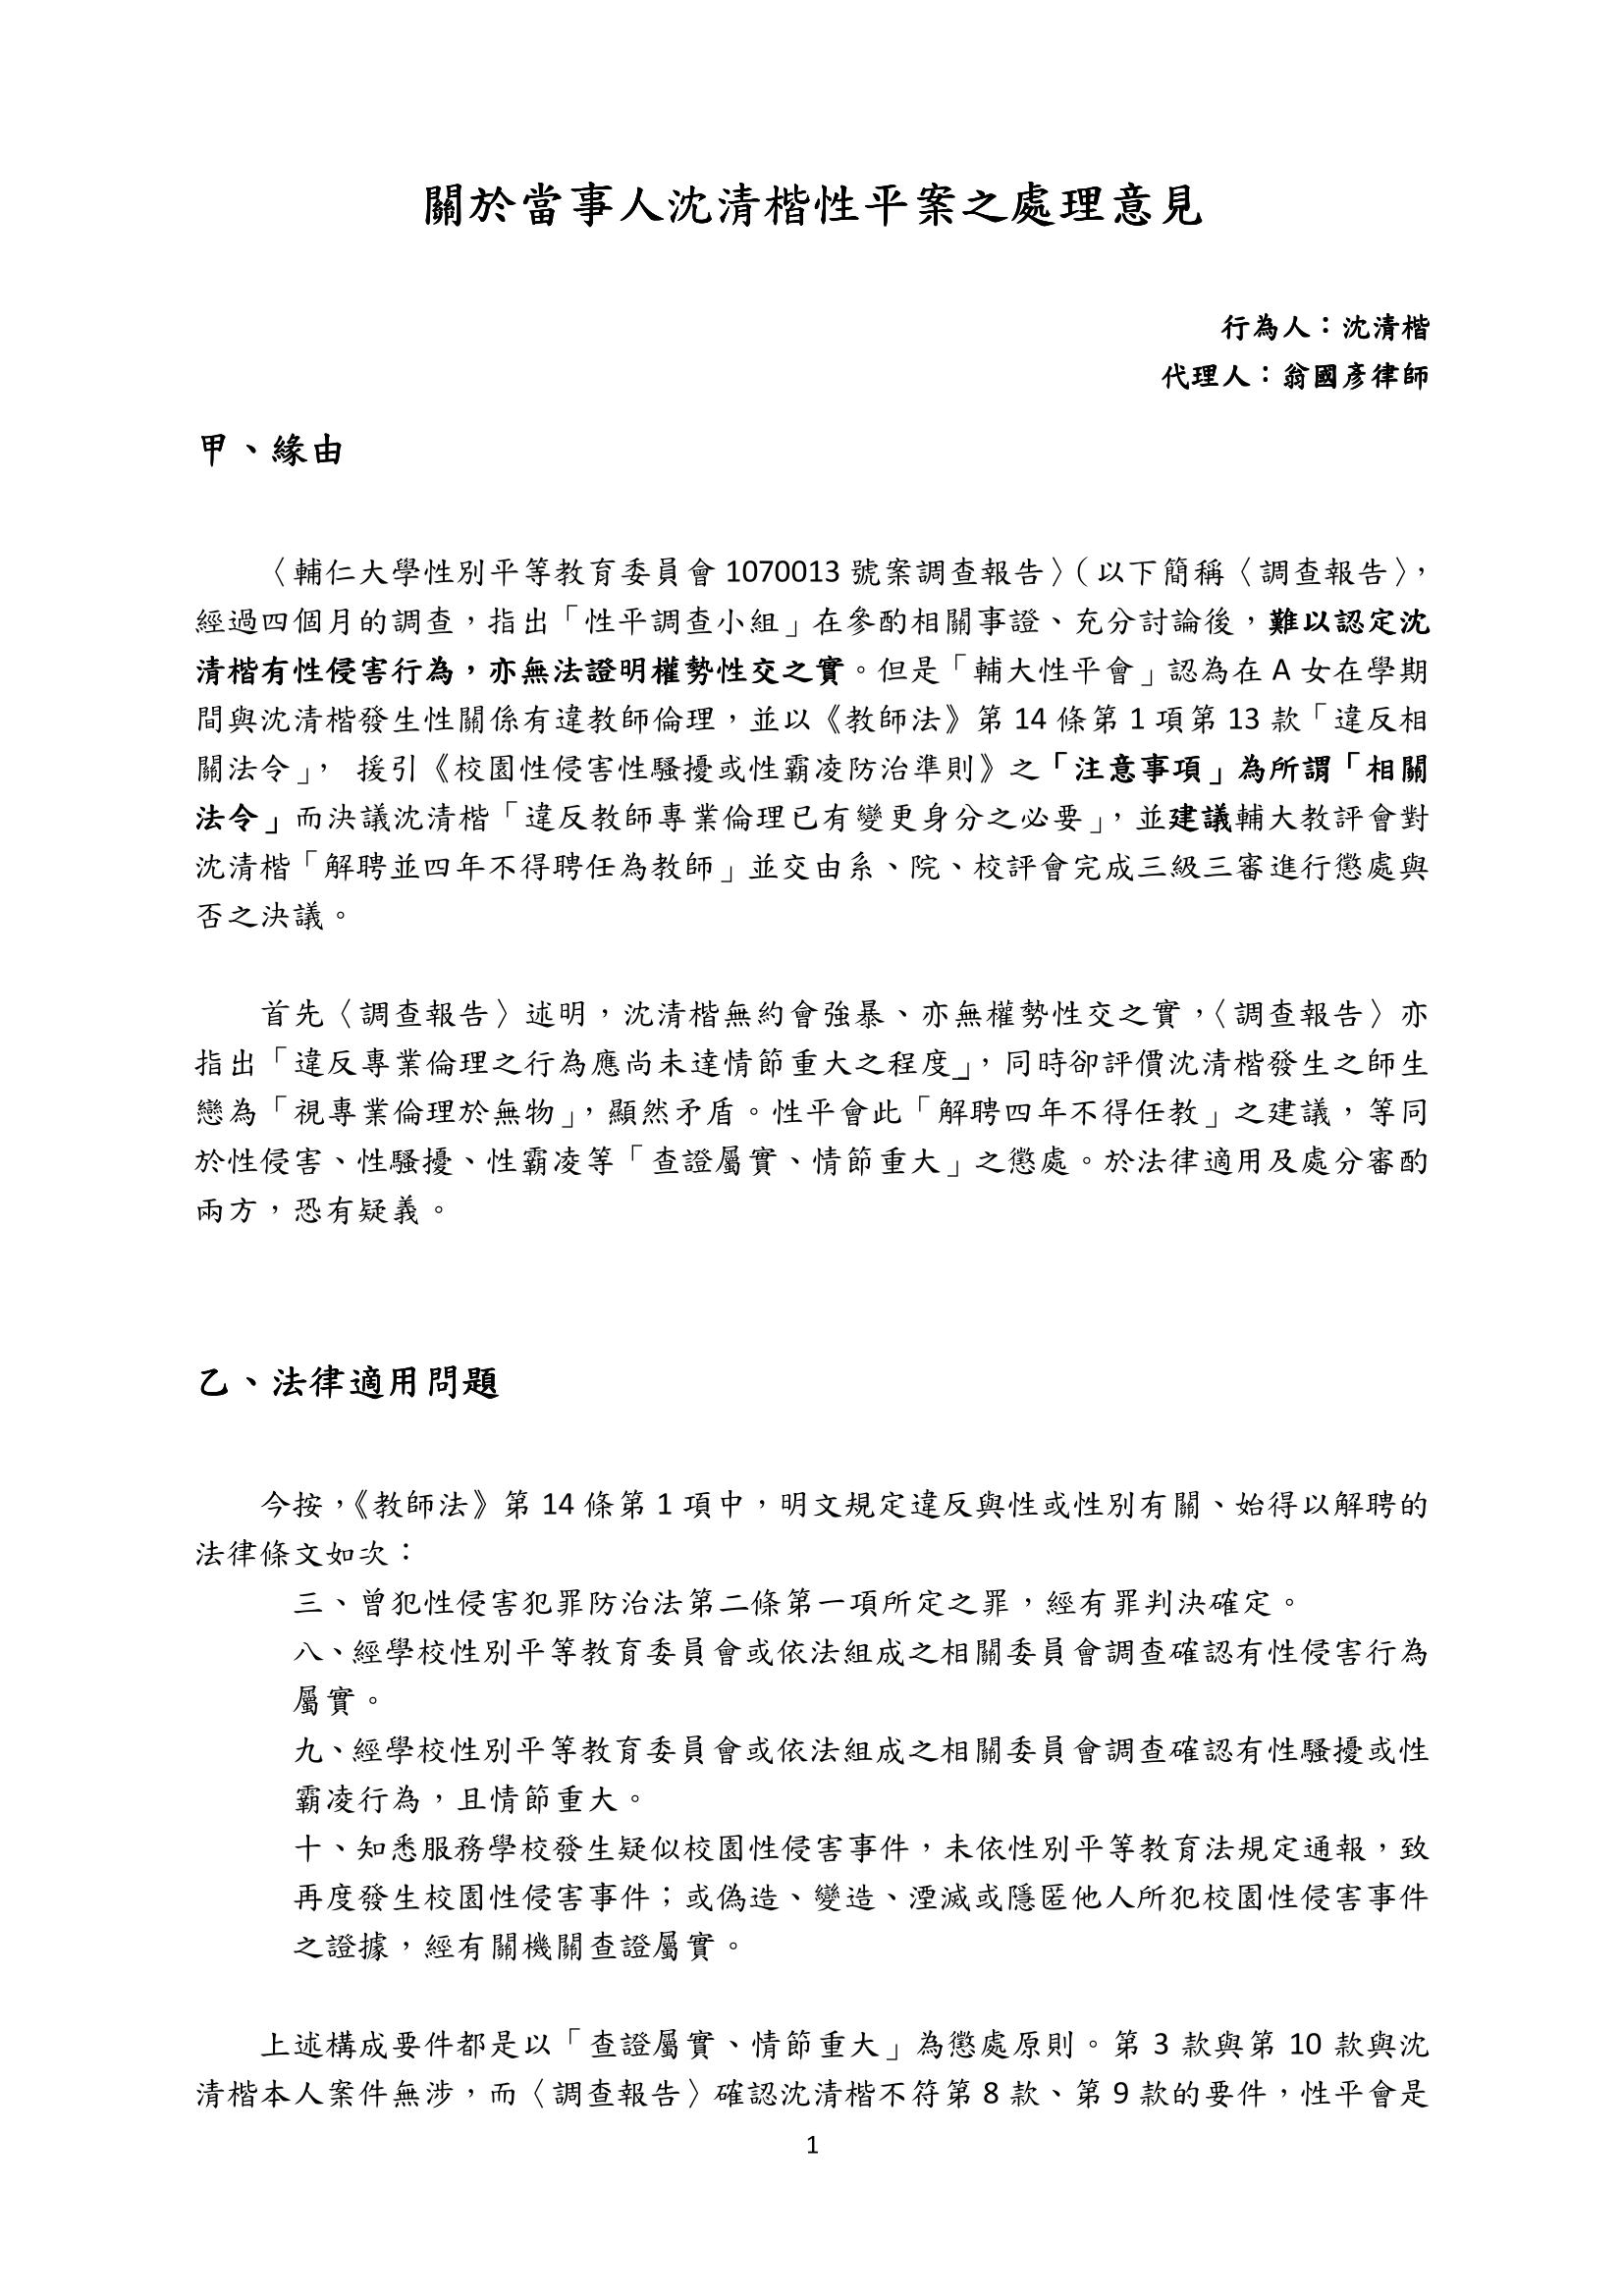 20190626致教評會意見陳述書-1.png